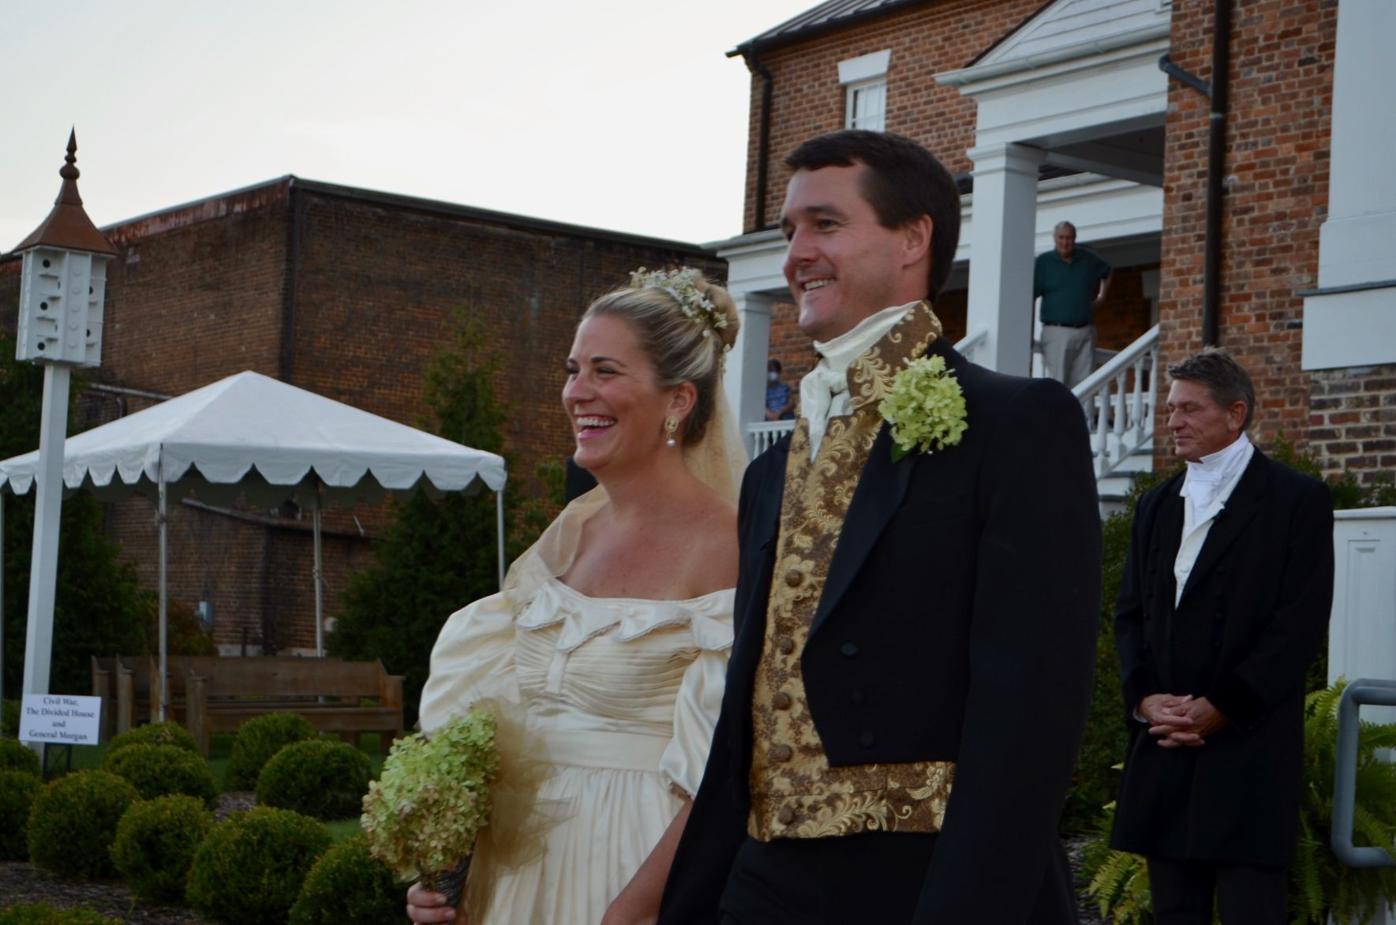 wedding1 - 1.jpg